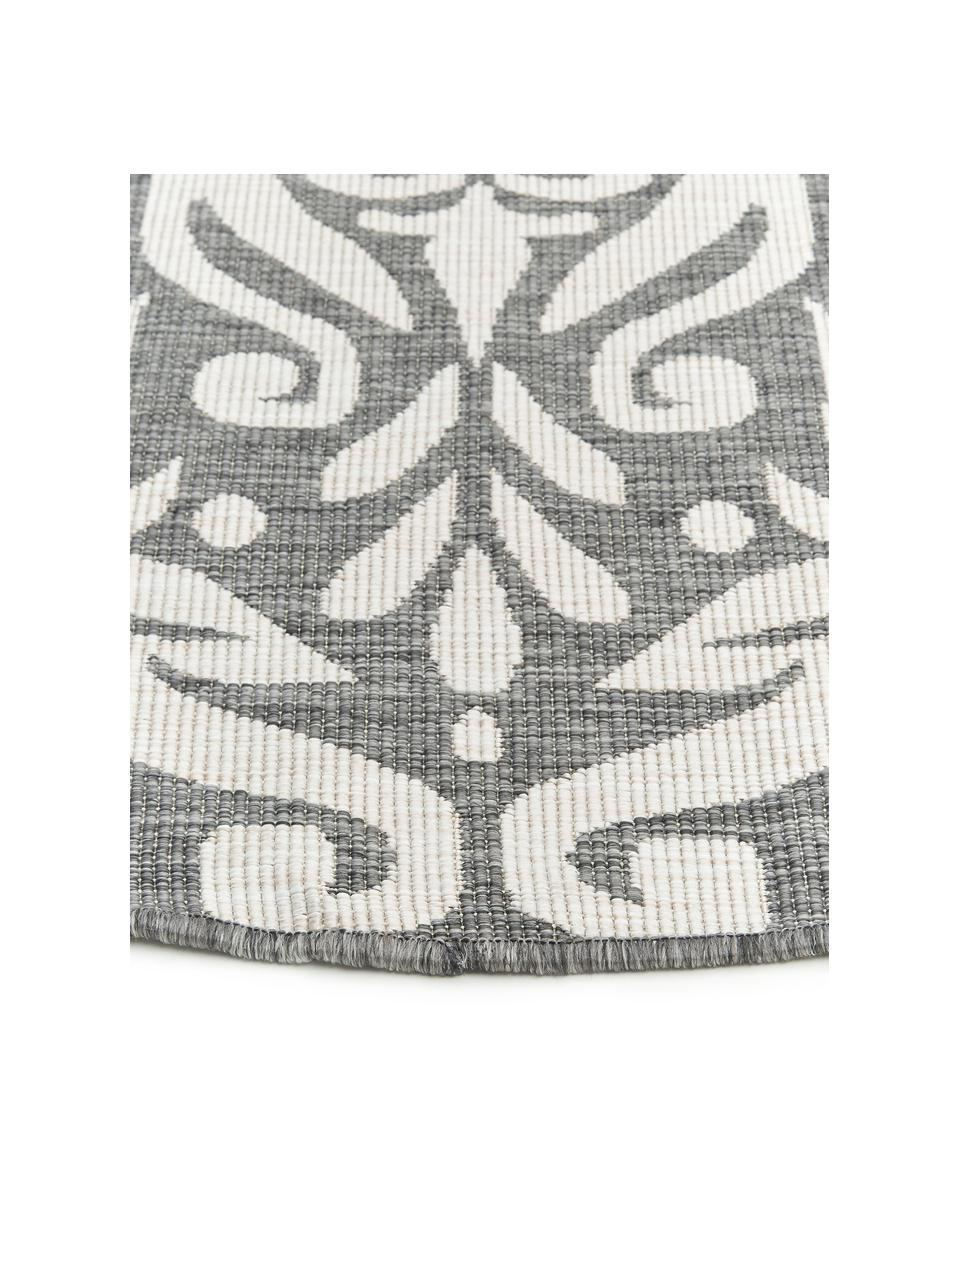 Rond dubbelzijdig in- & outdoor vloerkleed Madrid, Grijs, crèmekleurig, Ø 200 cm (maat L)